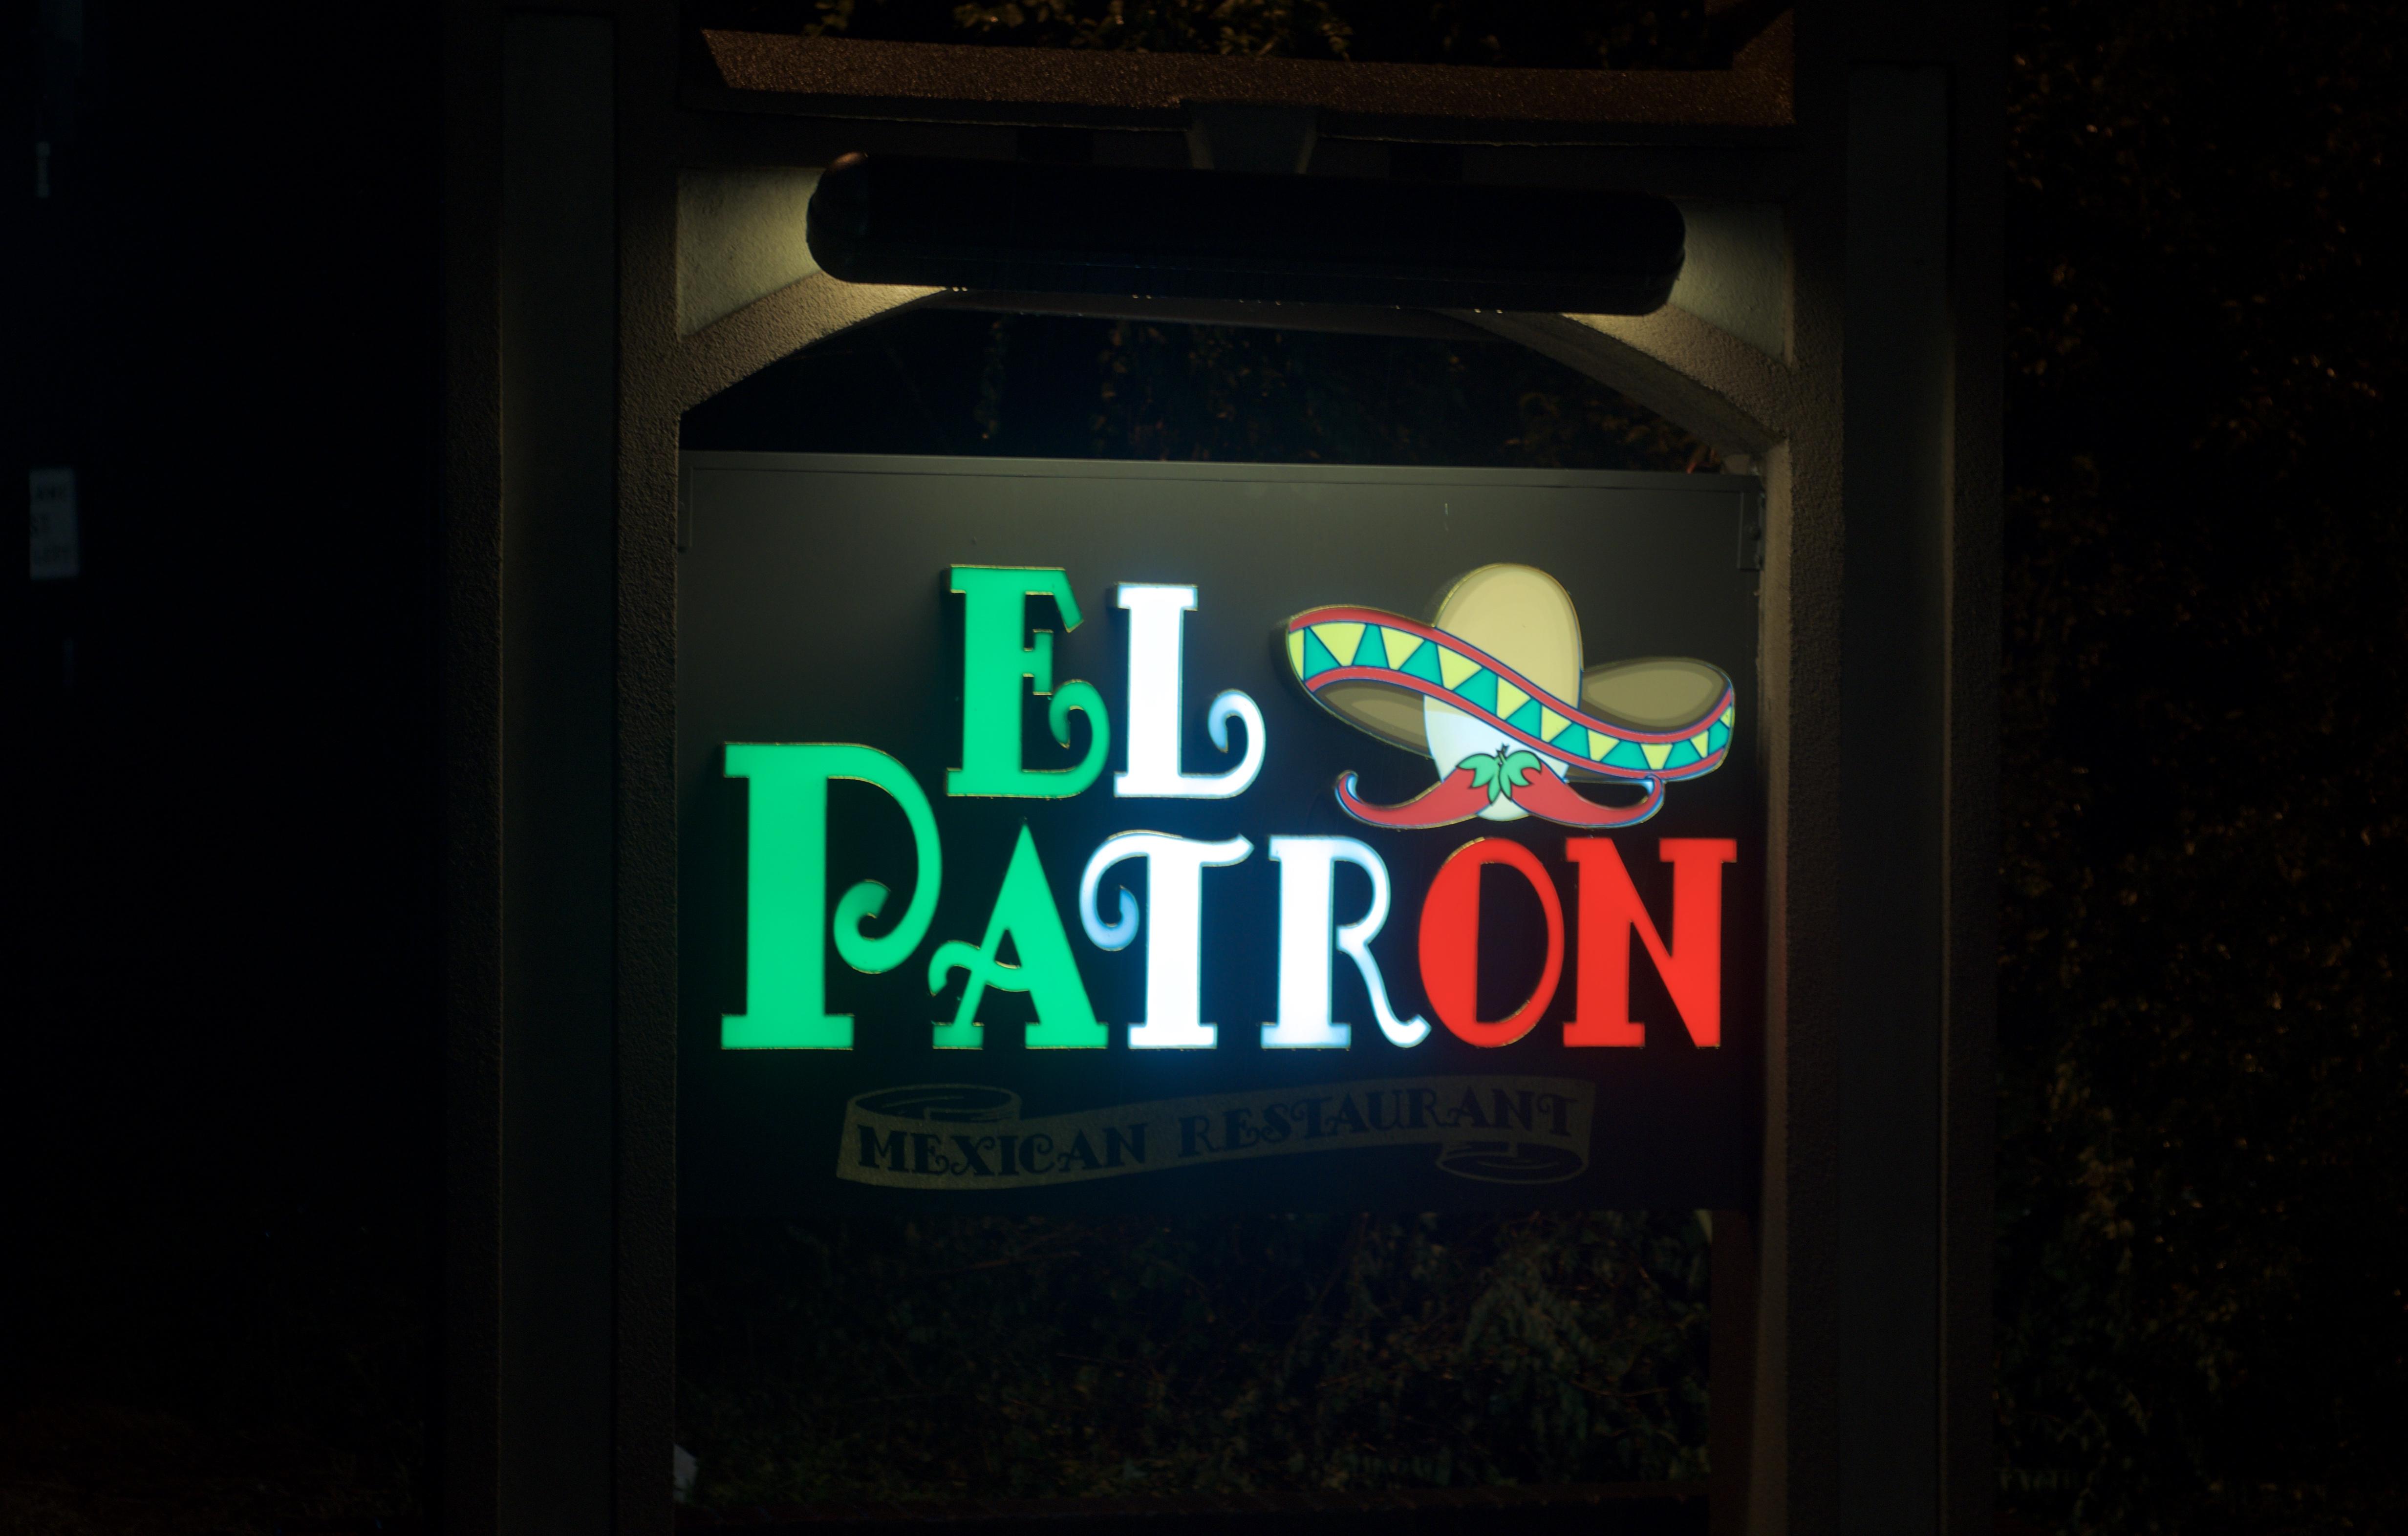 ElPatron